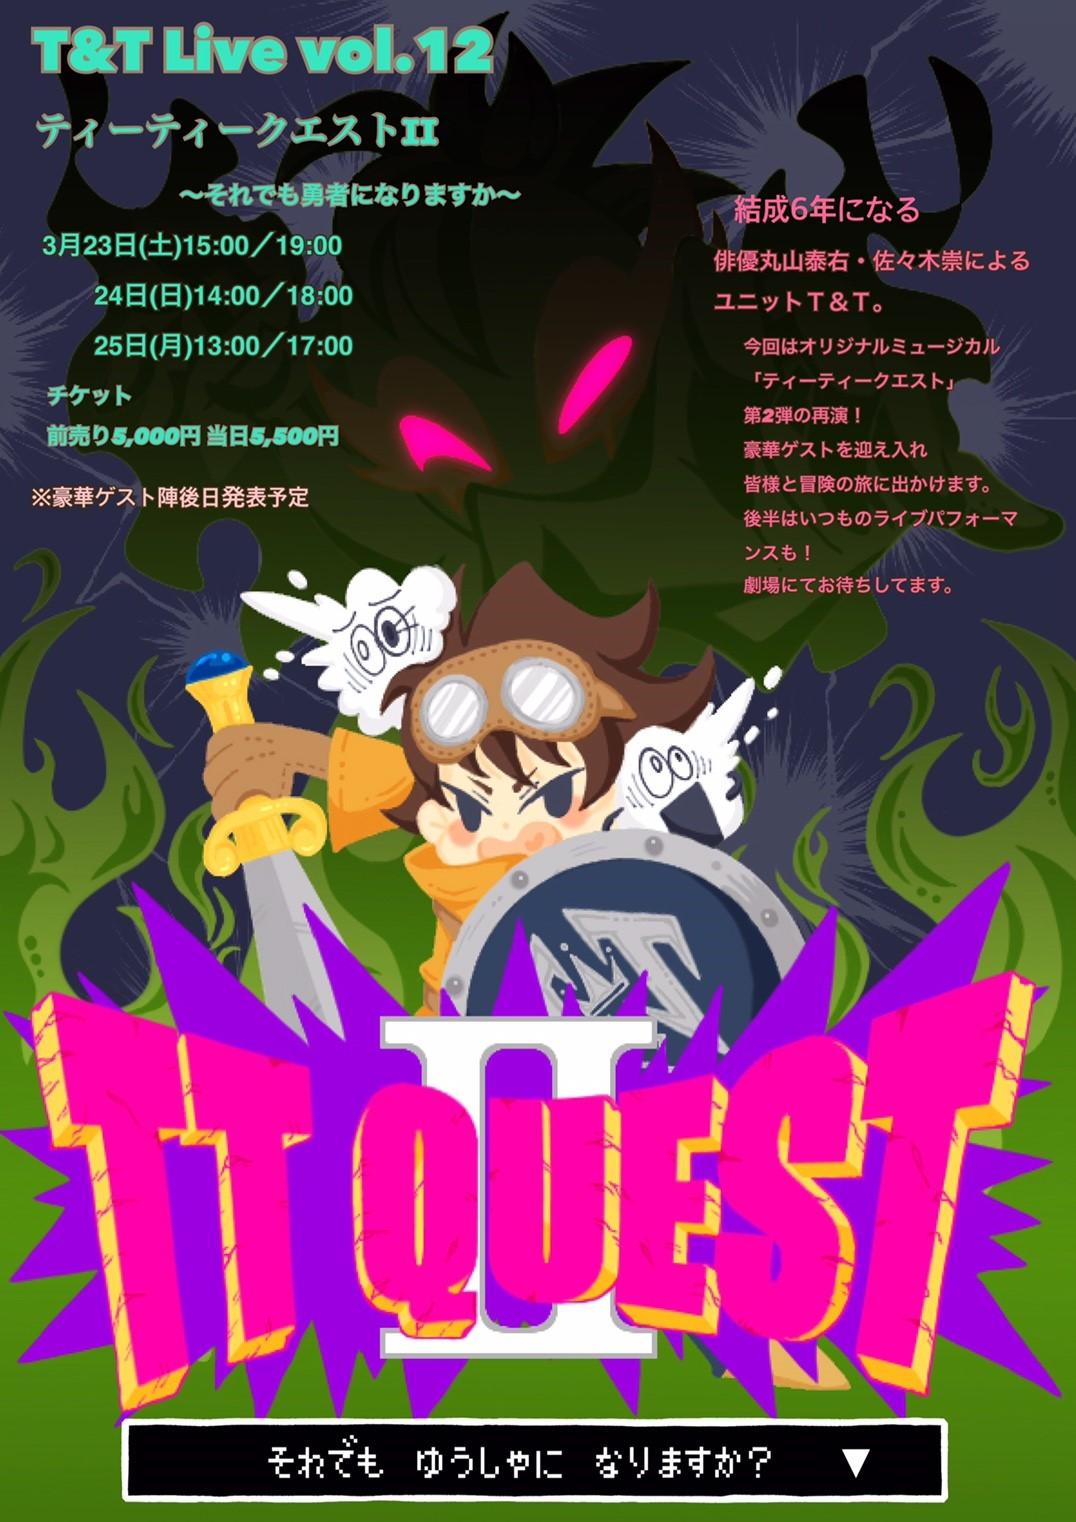 T&T Live vol.12 『ティーティークエストⅡ』〜それでも勇者になりますか〜